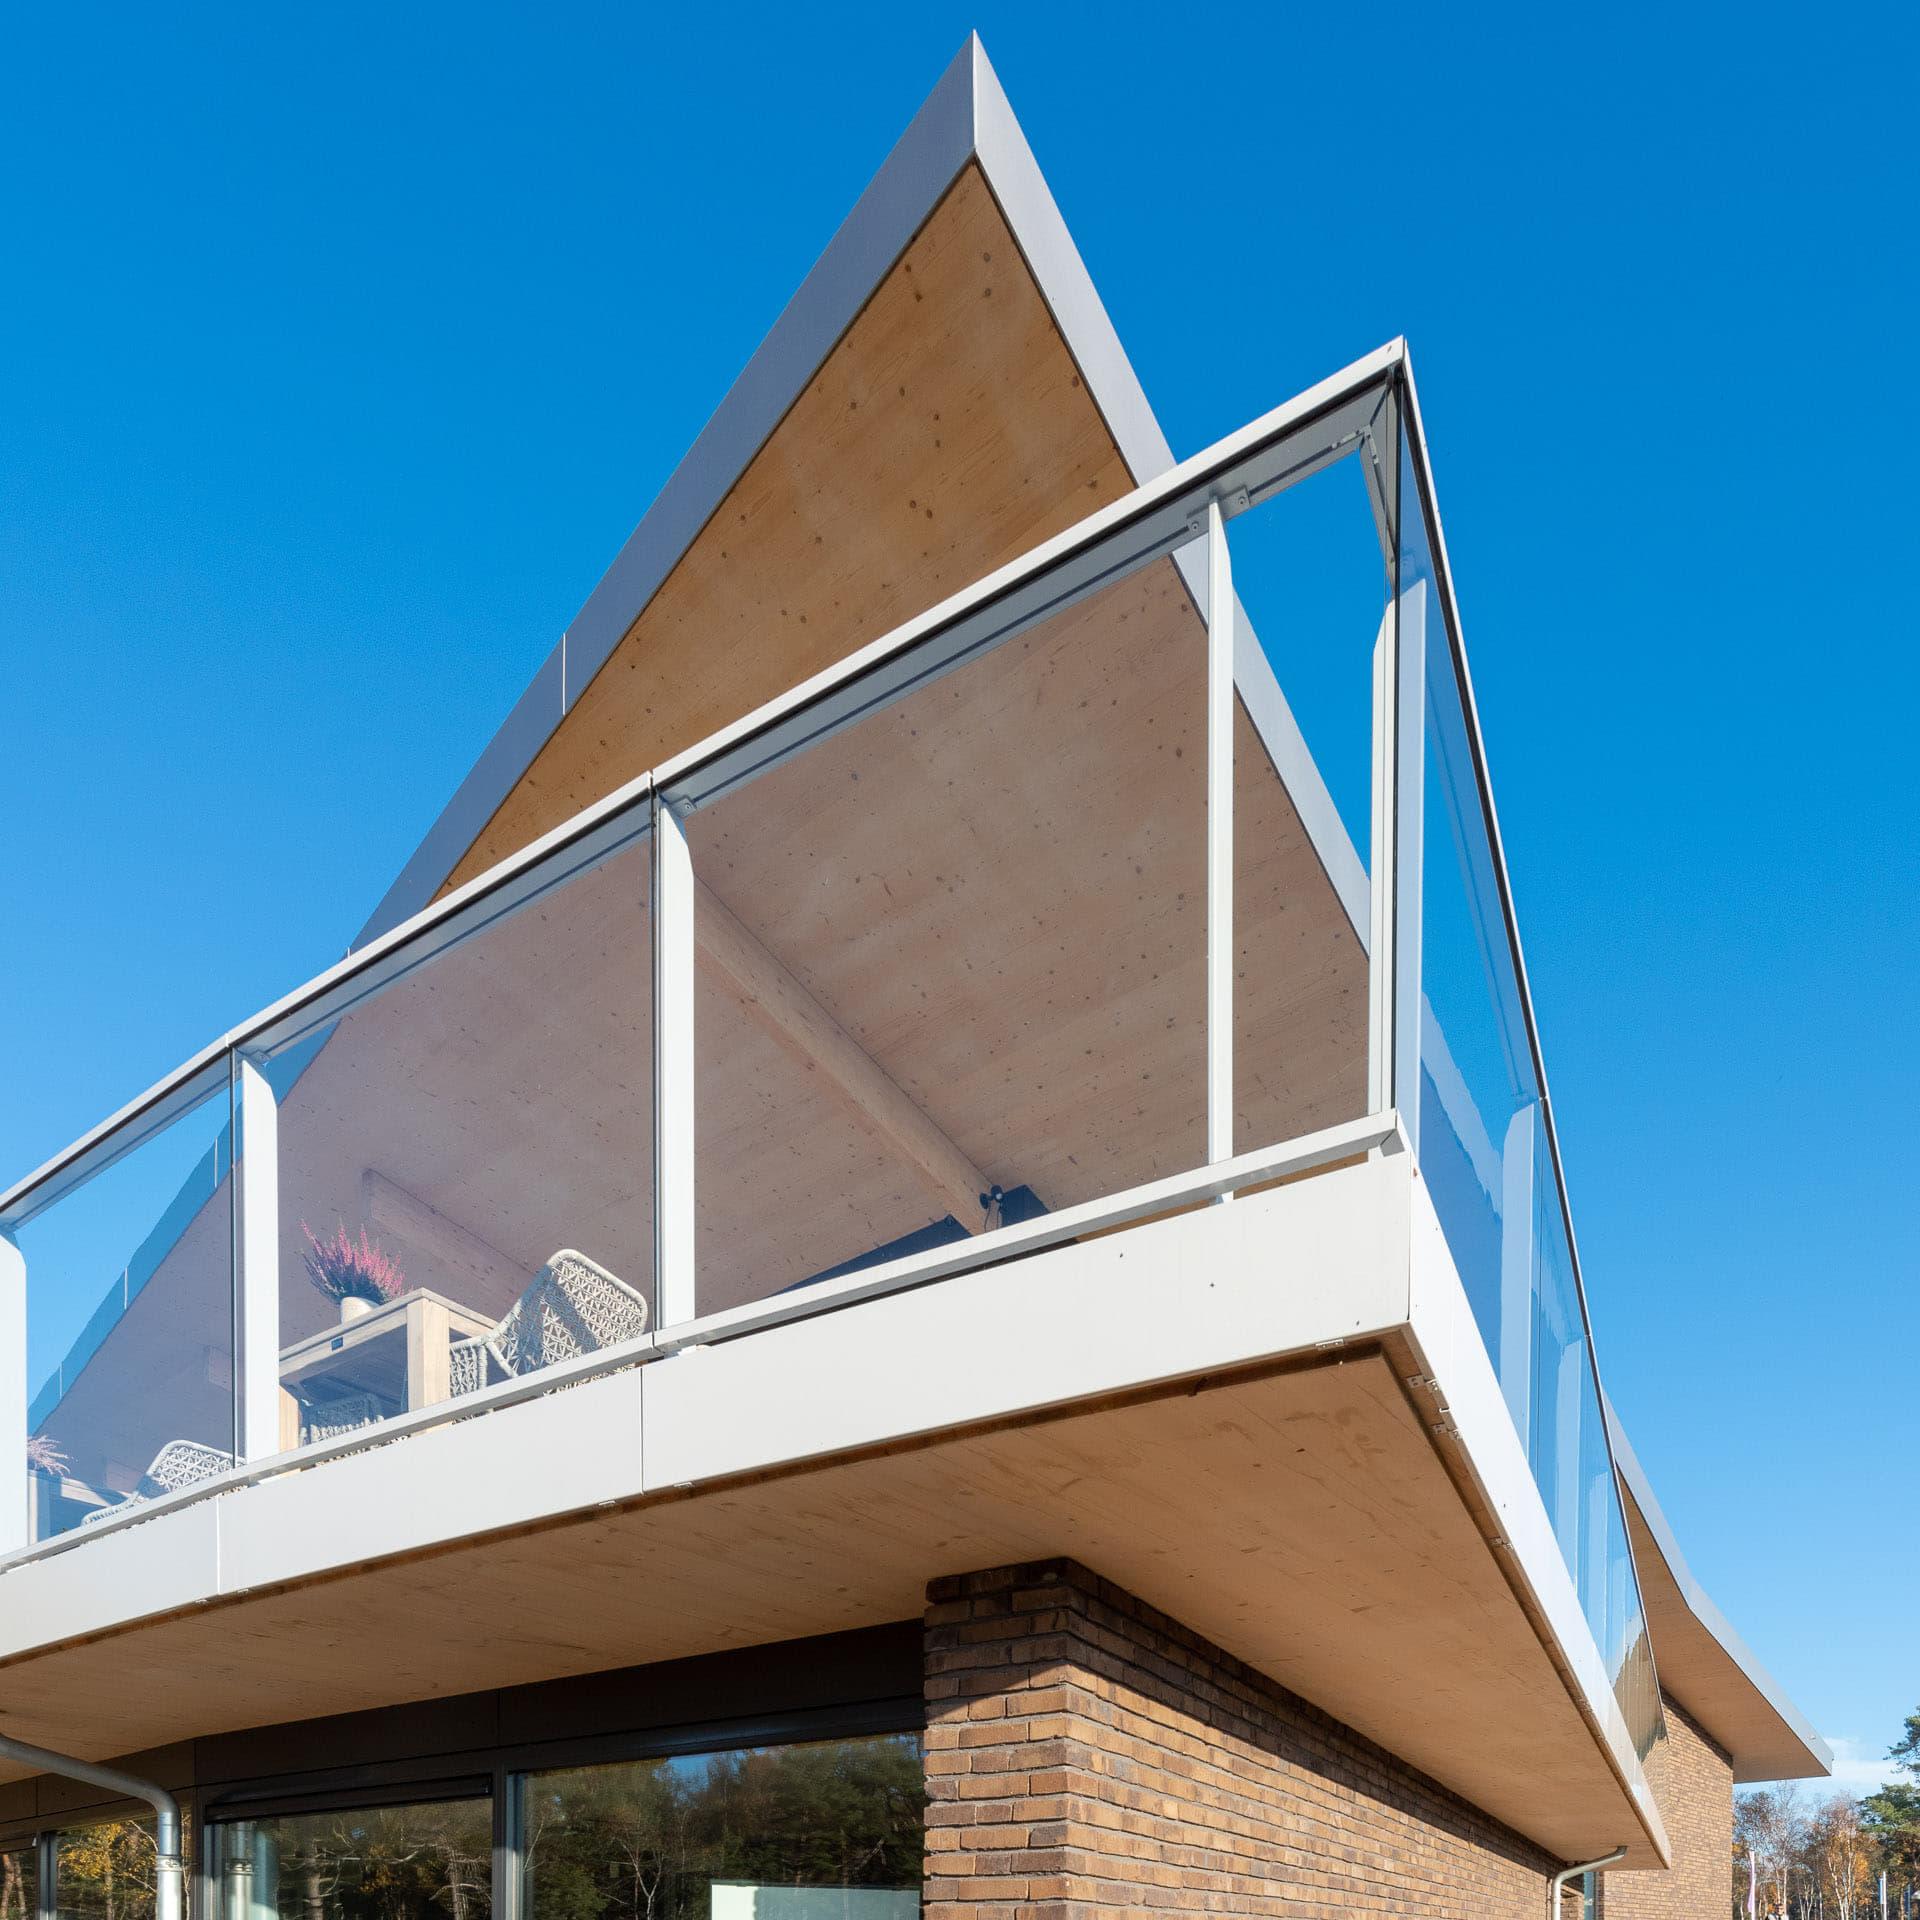 Punt van een strak dak met balkon op de voorgrond